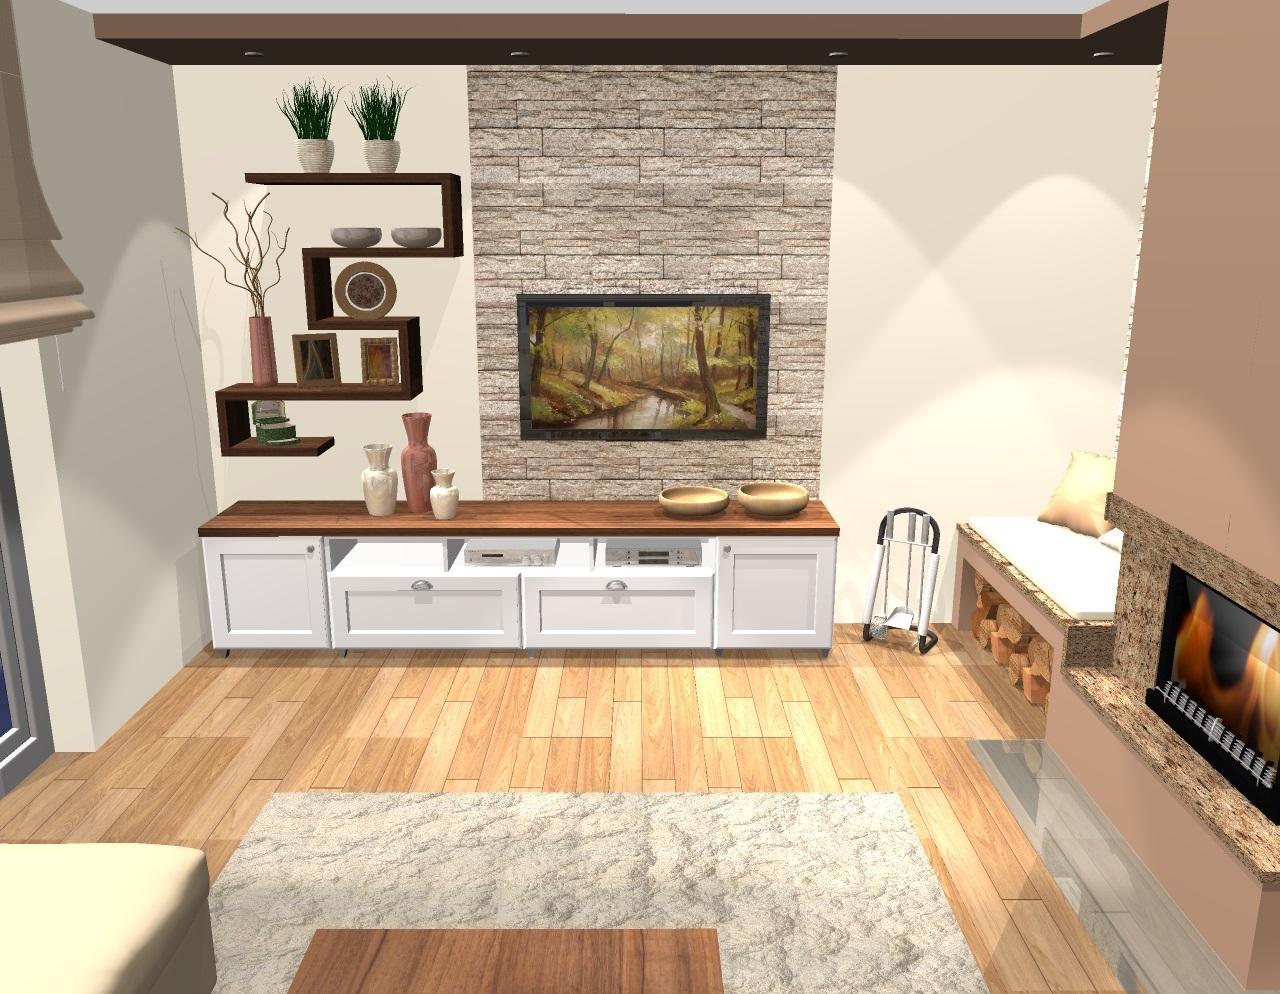 Kuchyňa a obývačka vo vidieckom štýle pre @malekacatko - Grafický návrh obývačky vo vidieckom štýle - obr. 2